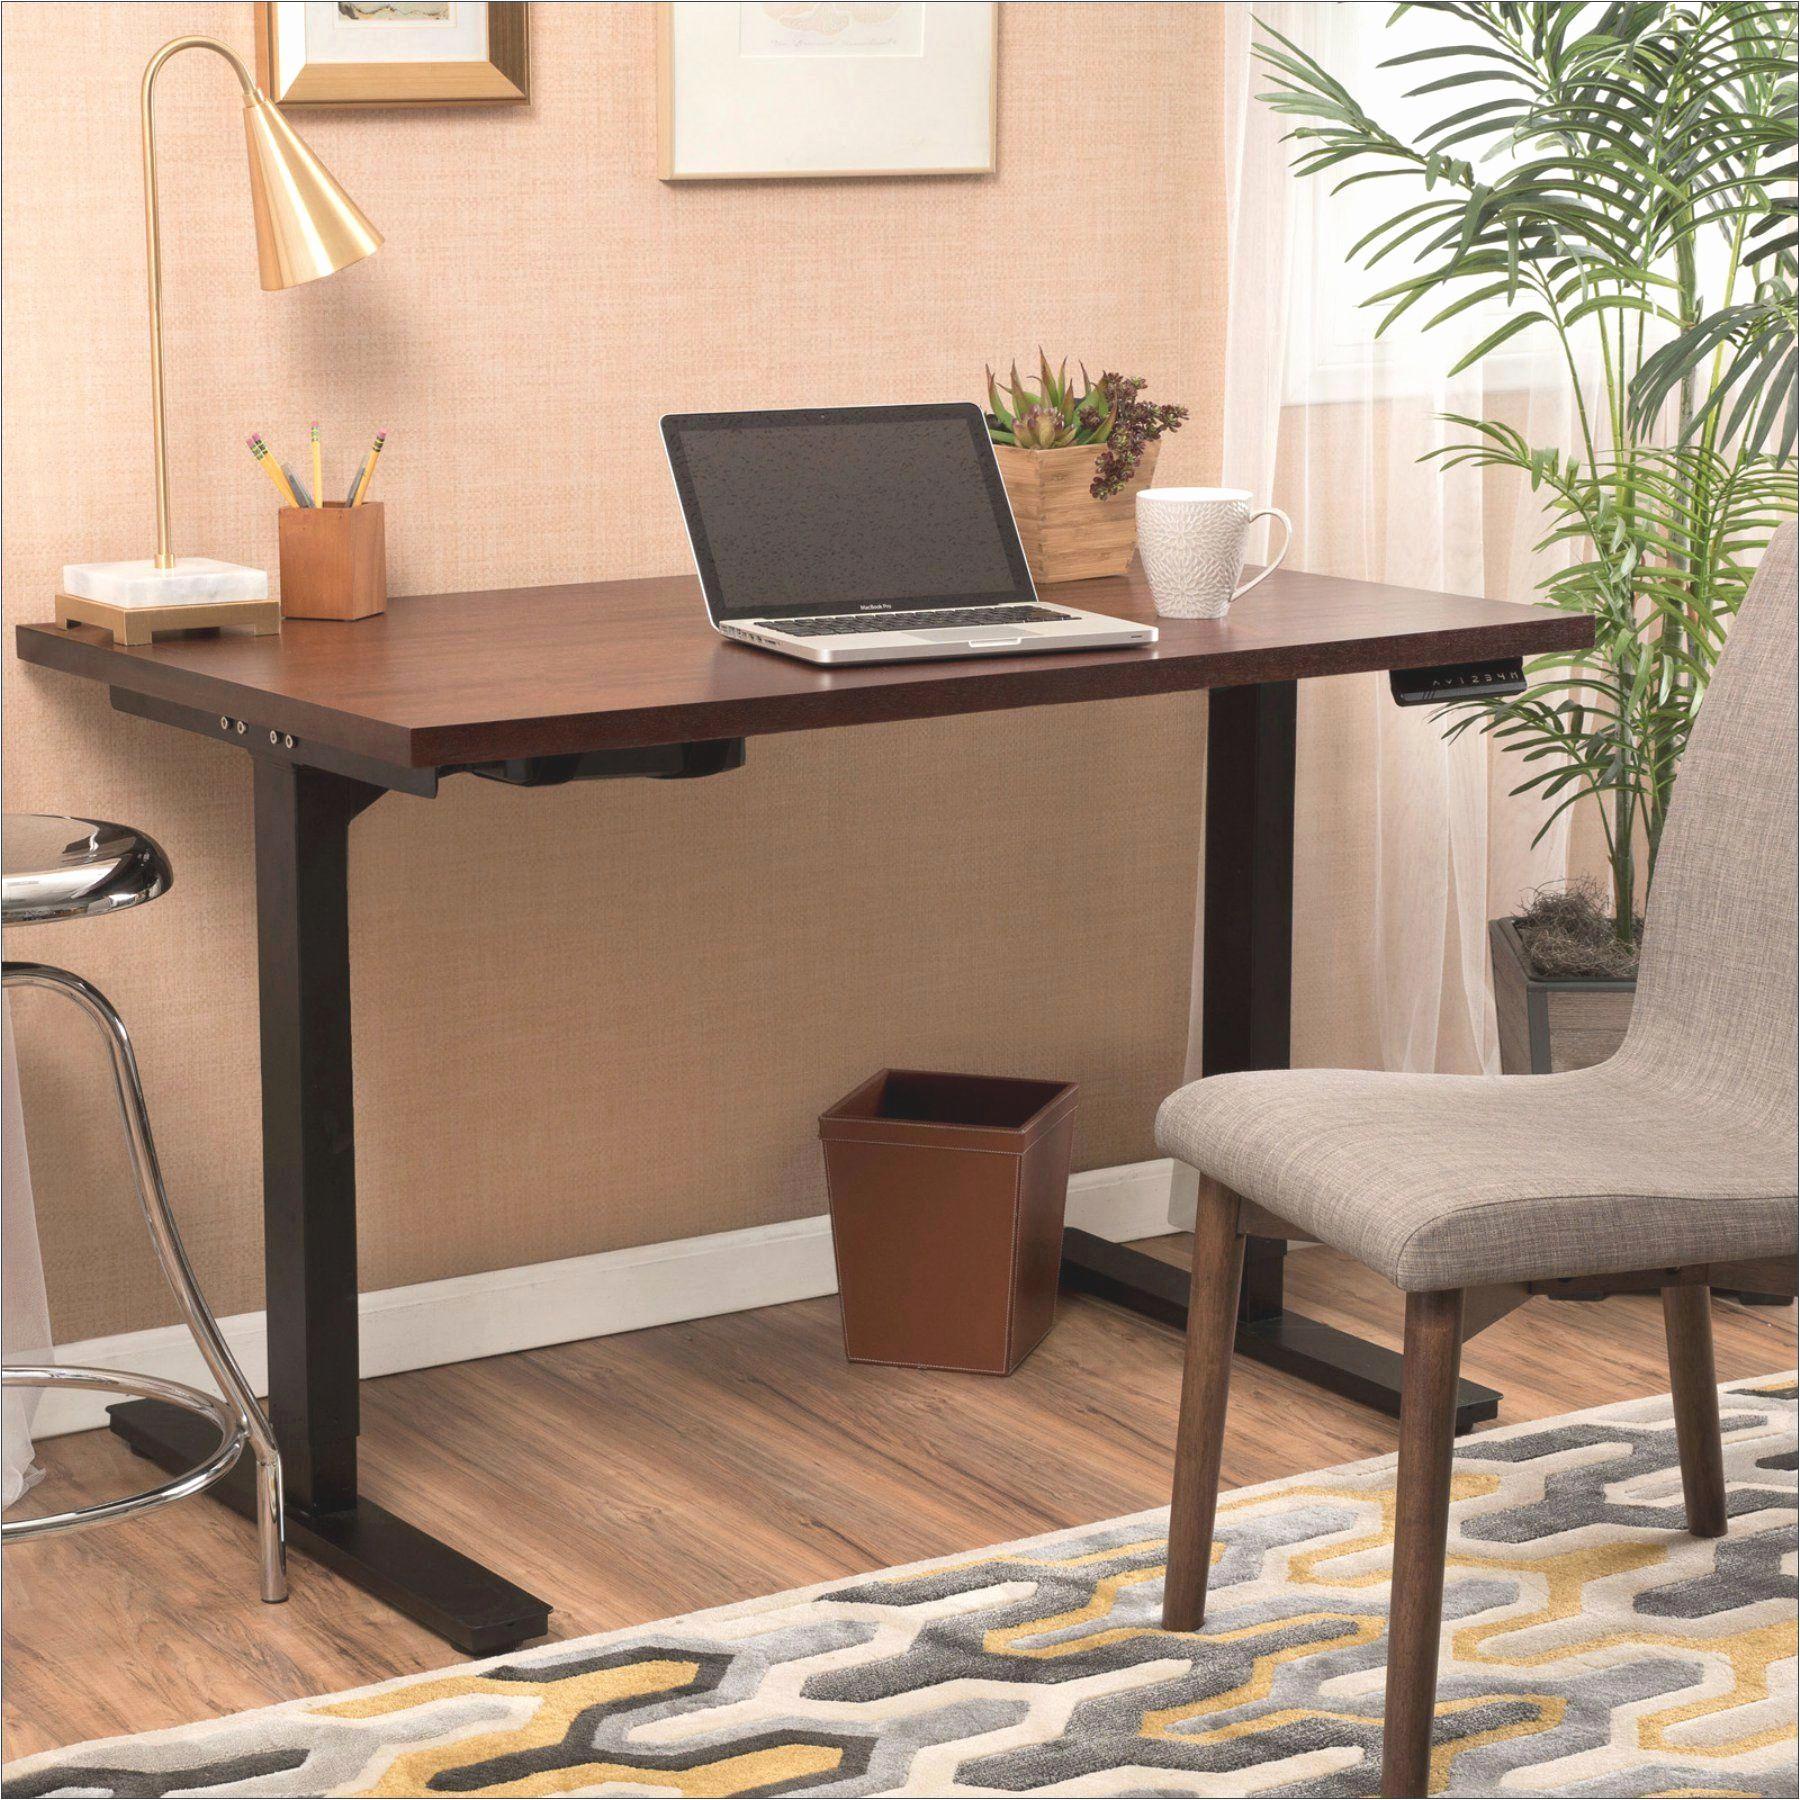 ikea schreibtisch galant best glass puter desk ikea beautiful white puter desk with glass top